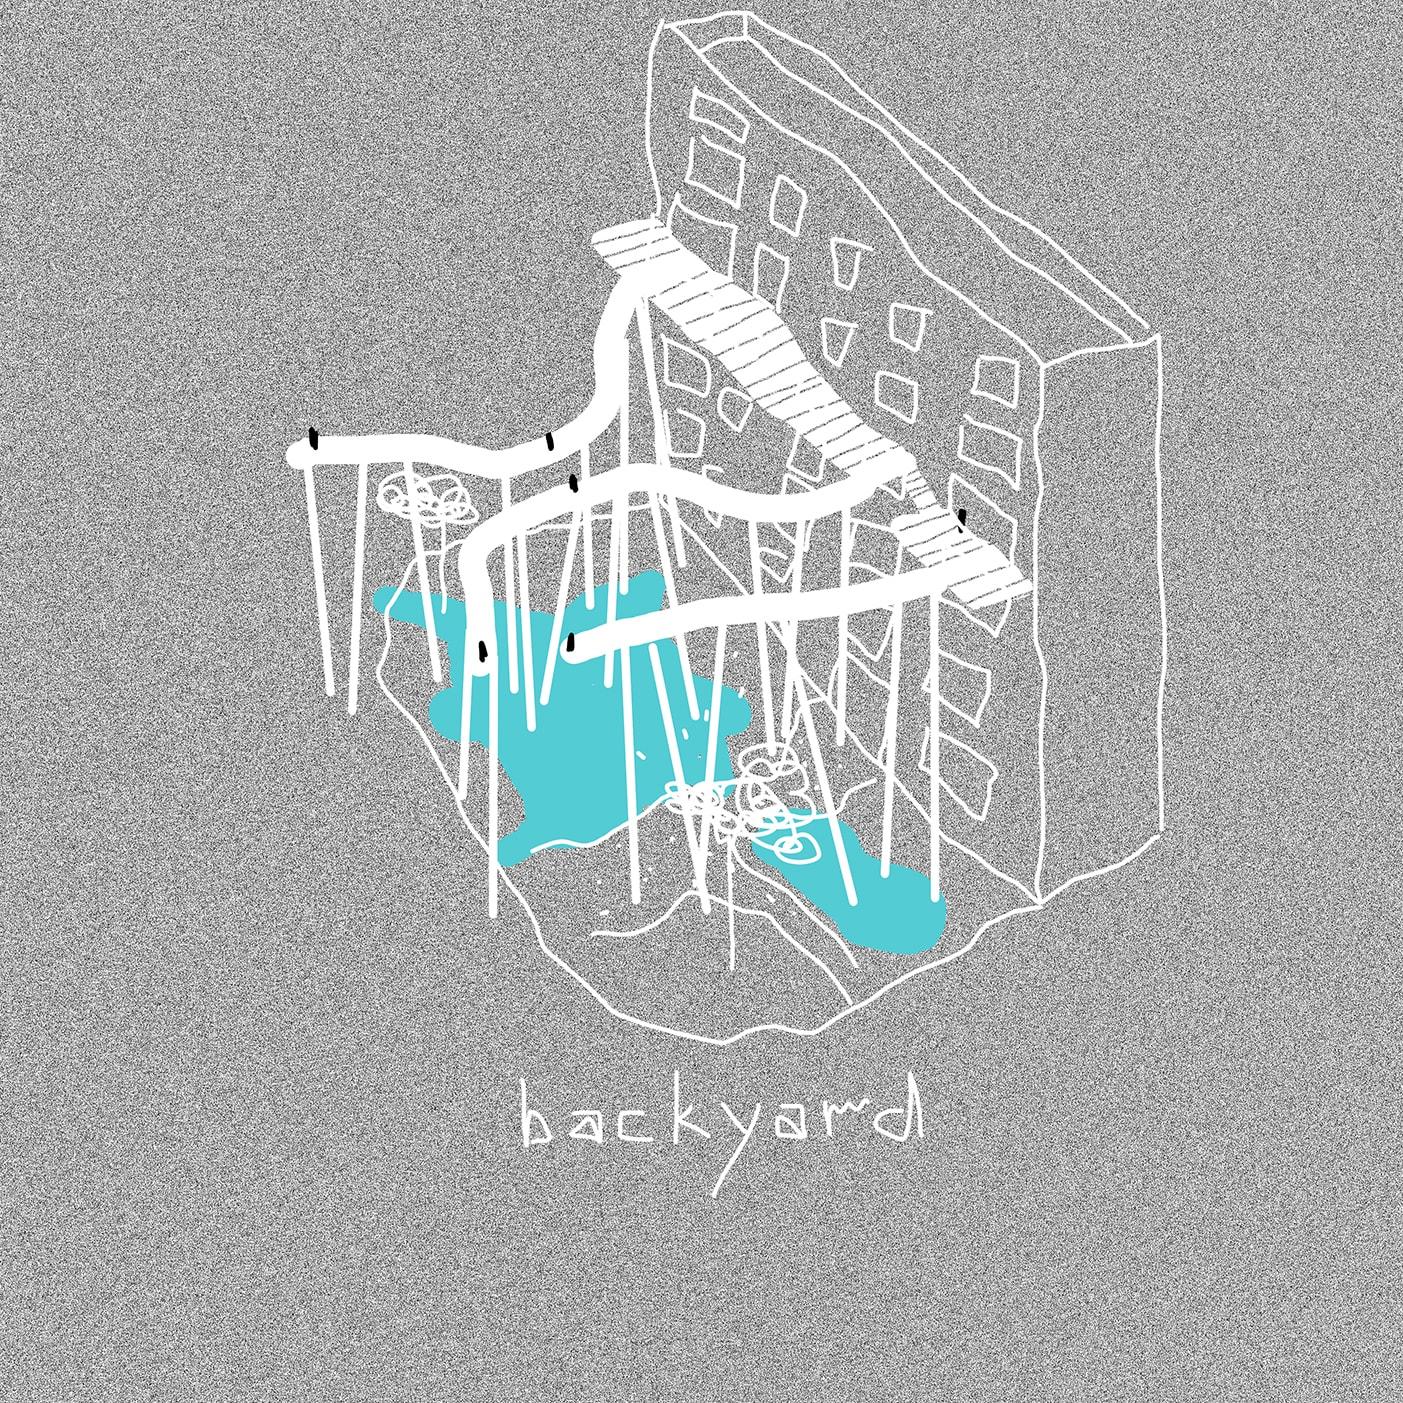 backyard2-120pxl